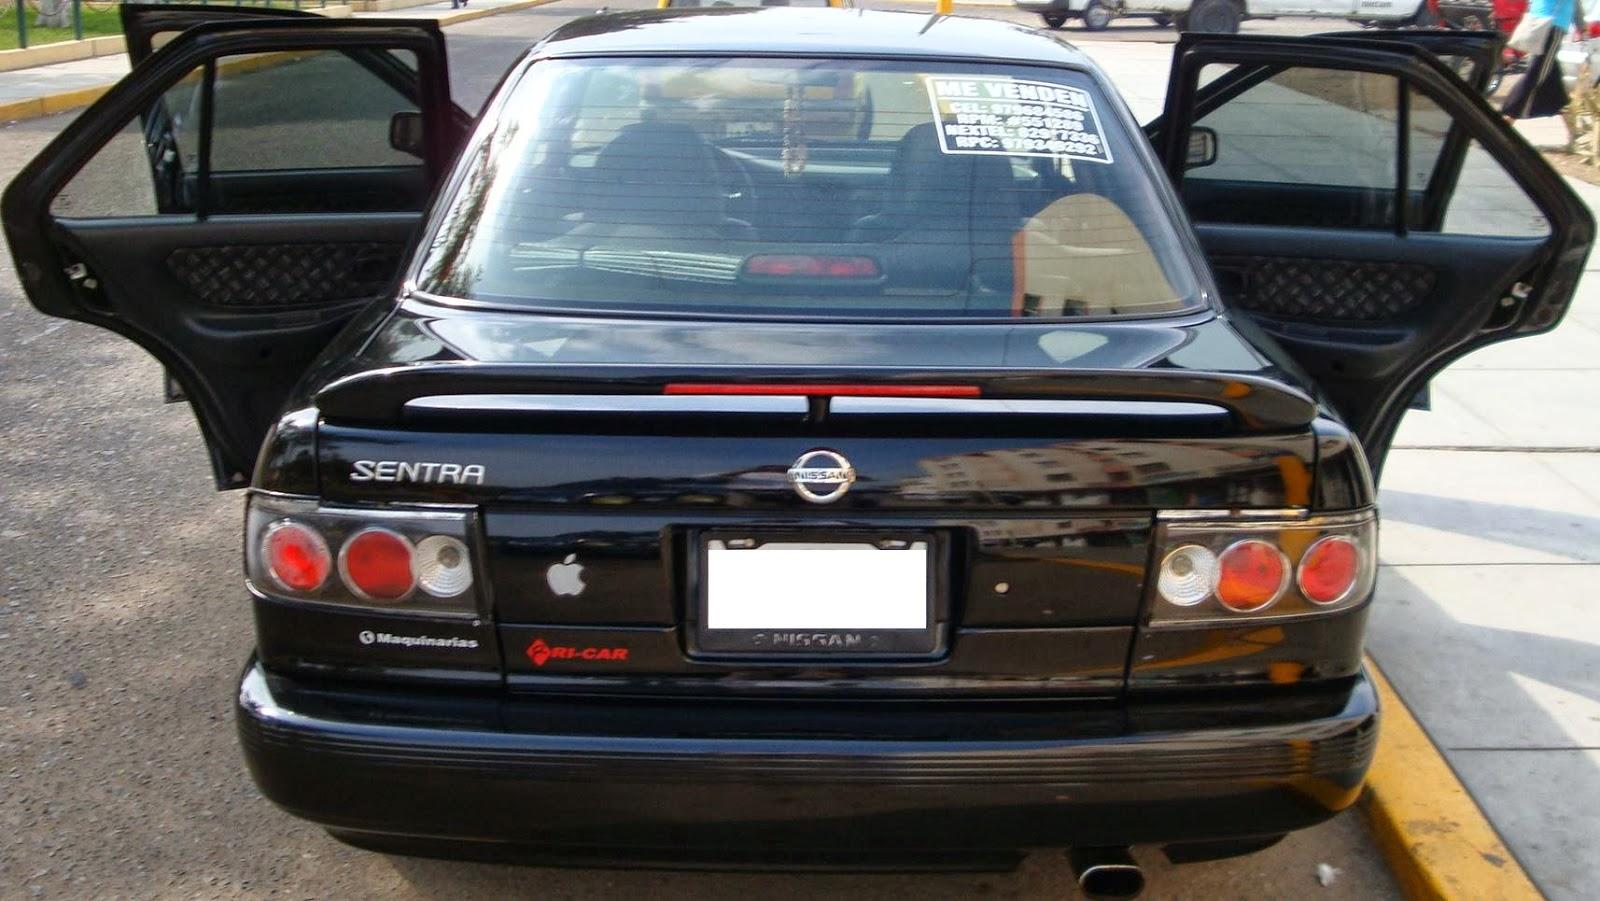 Cultura Tuning: Cómo tunear un Nissan Sentra o Tsuru ...